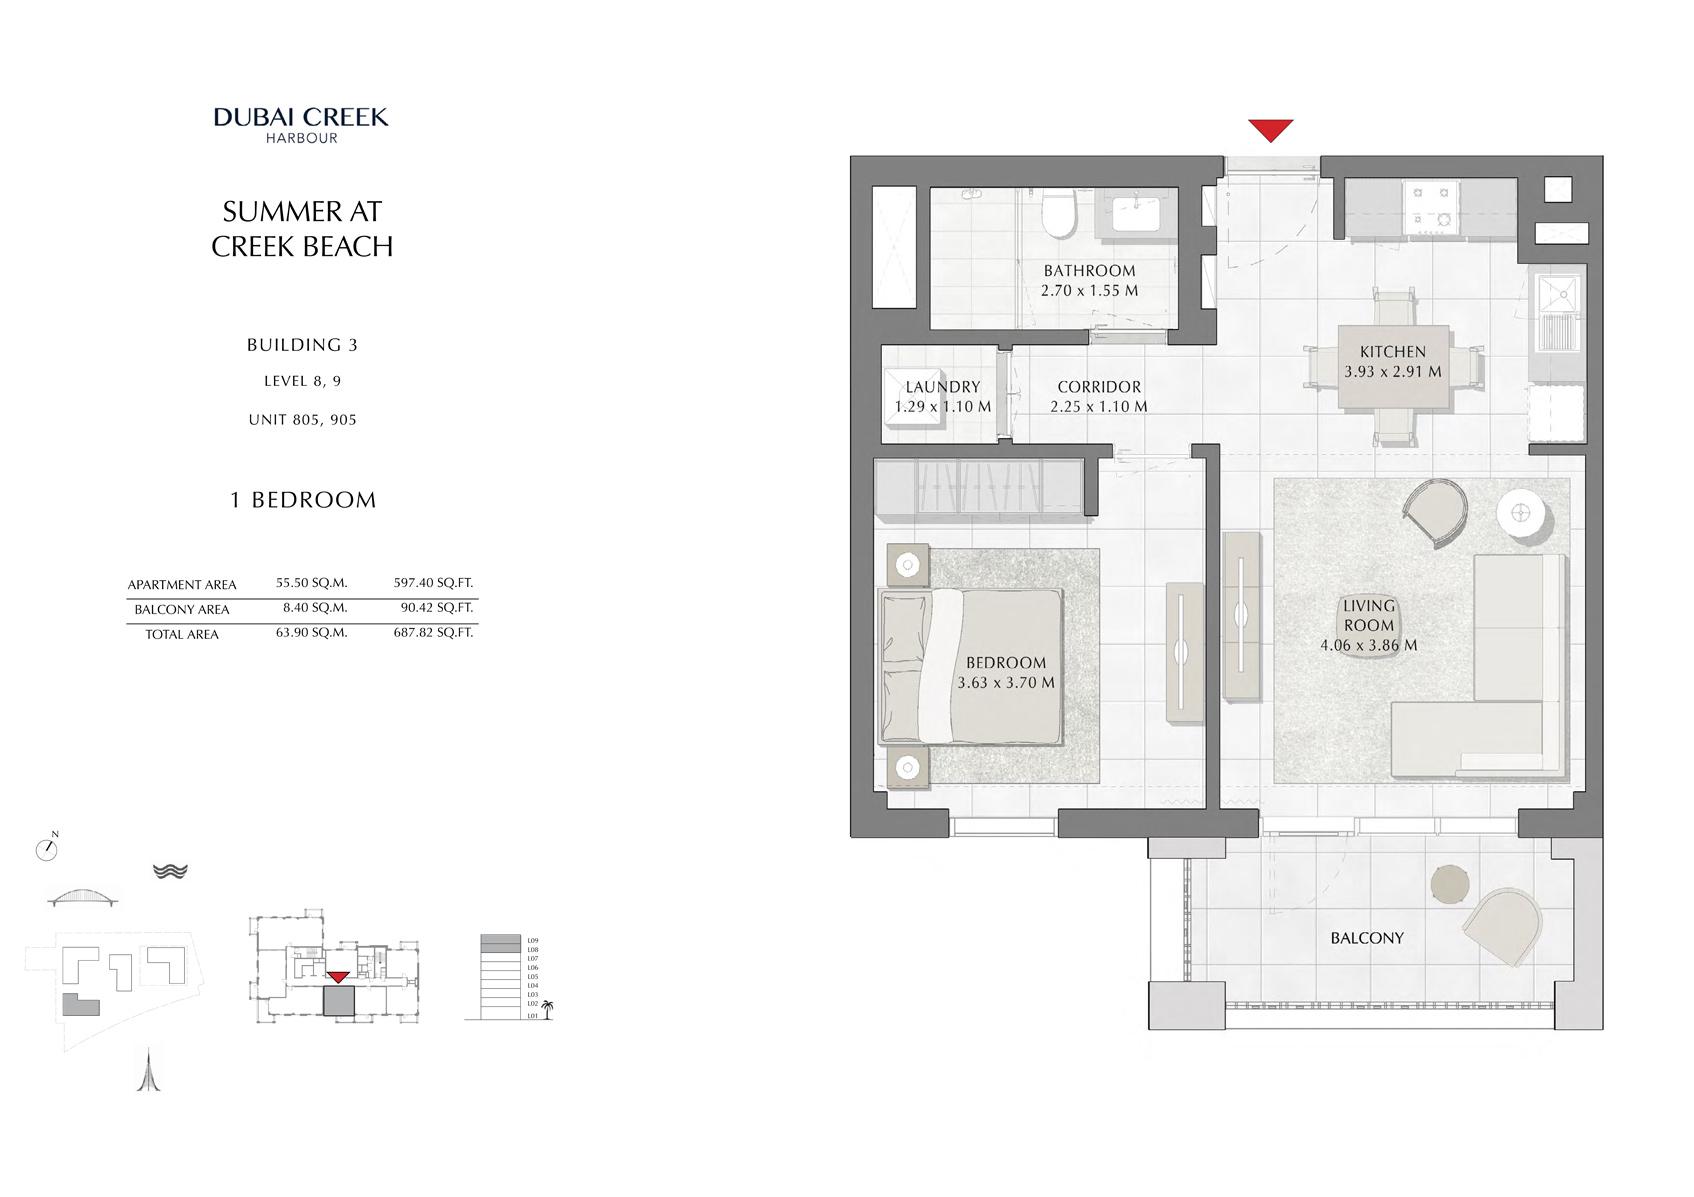 1 Br Building 3 Level-8-9 Unit 805-905, Size 687 Sq Ft